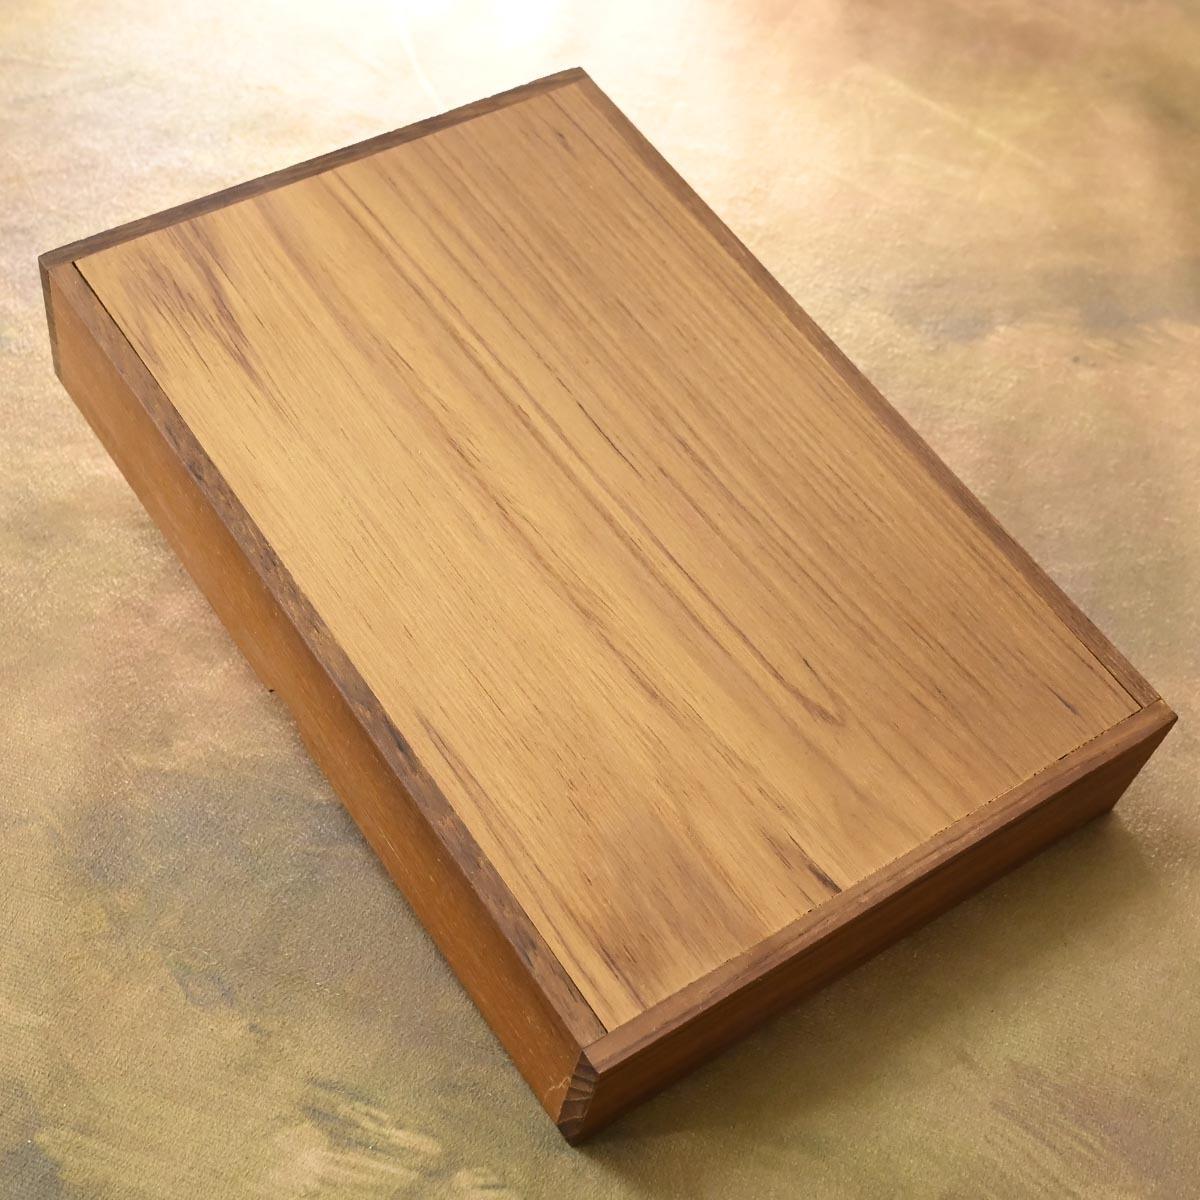 本物 新品 ダンヒル 極希少 木製 ナチュラルウッド ロゴプレート付き ヒュミドール シガレット シガーケース 喫煙具 DUNHILL_画像4